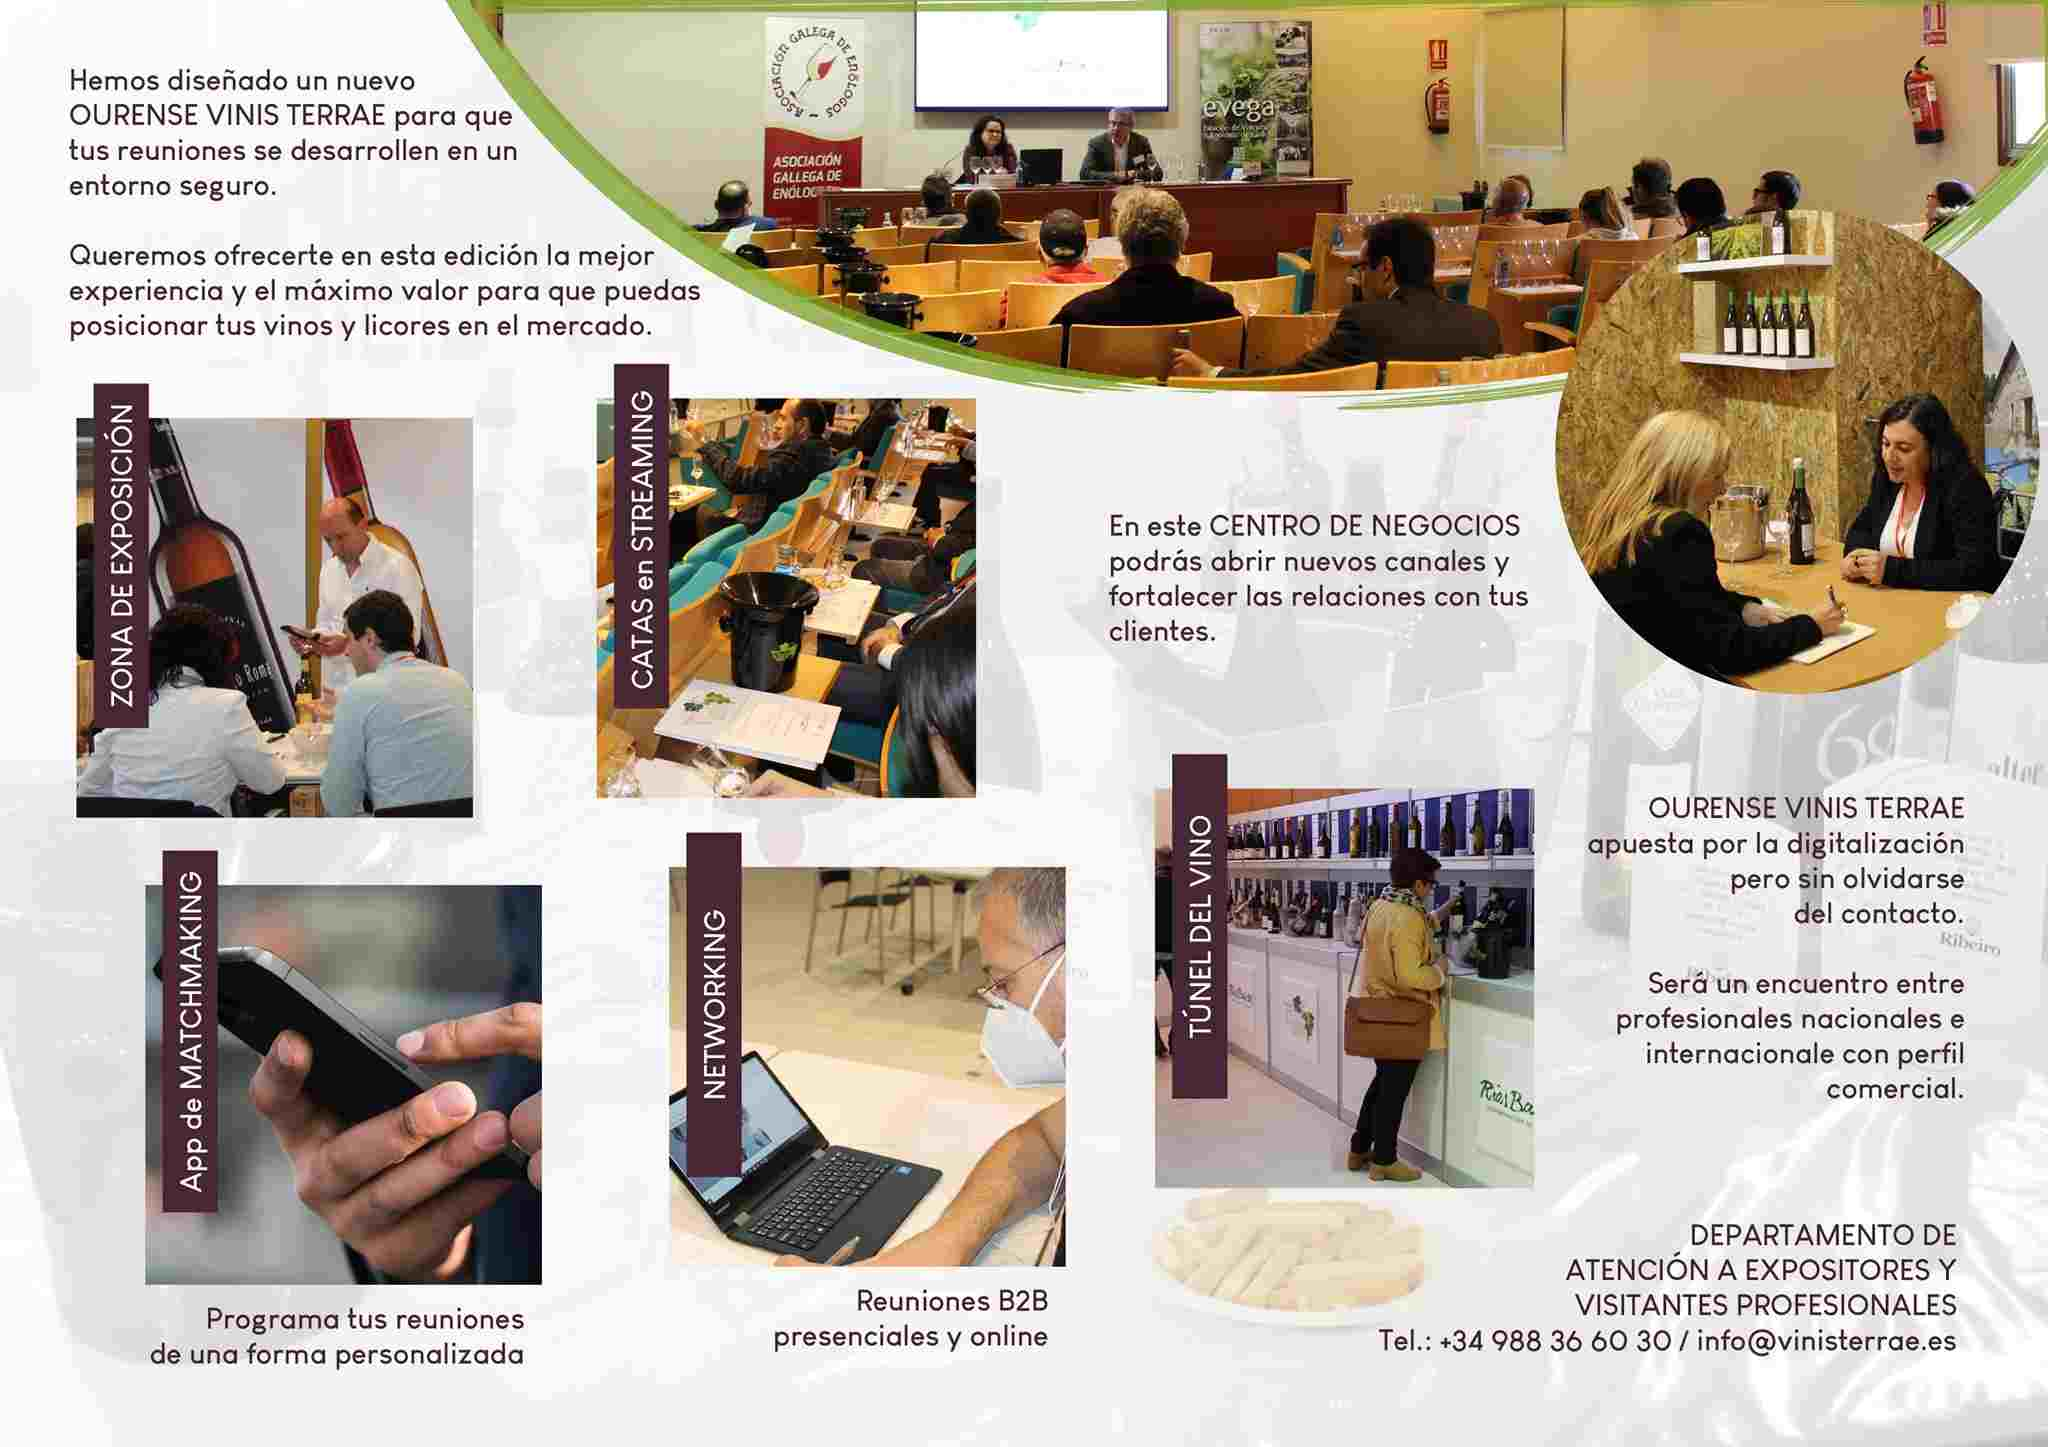 Ourense Vinis Terrae, Salón Del Vino Y Licores Gallegos De Calidad 2021 Compressed